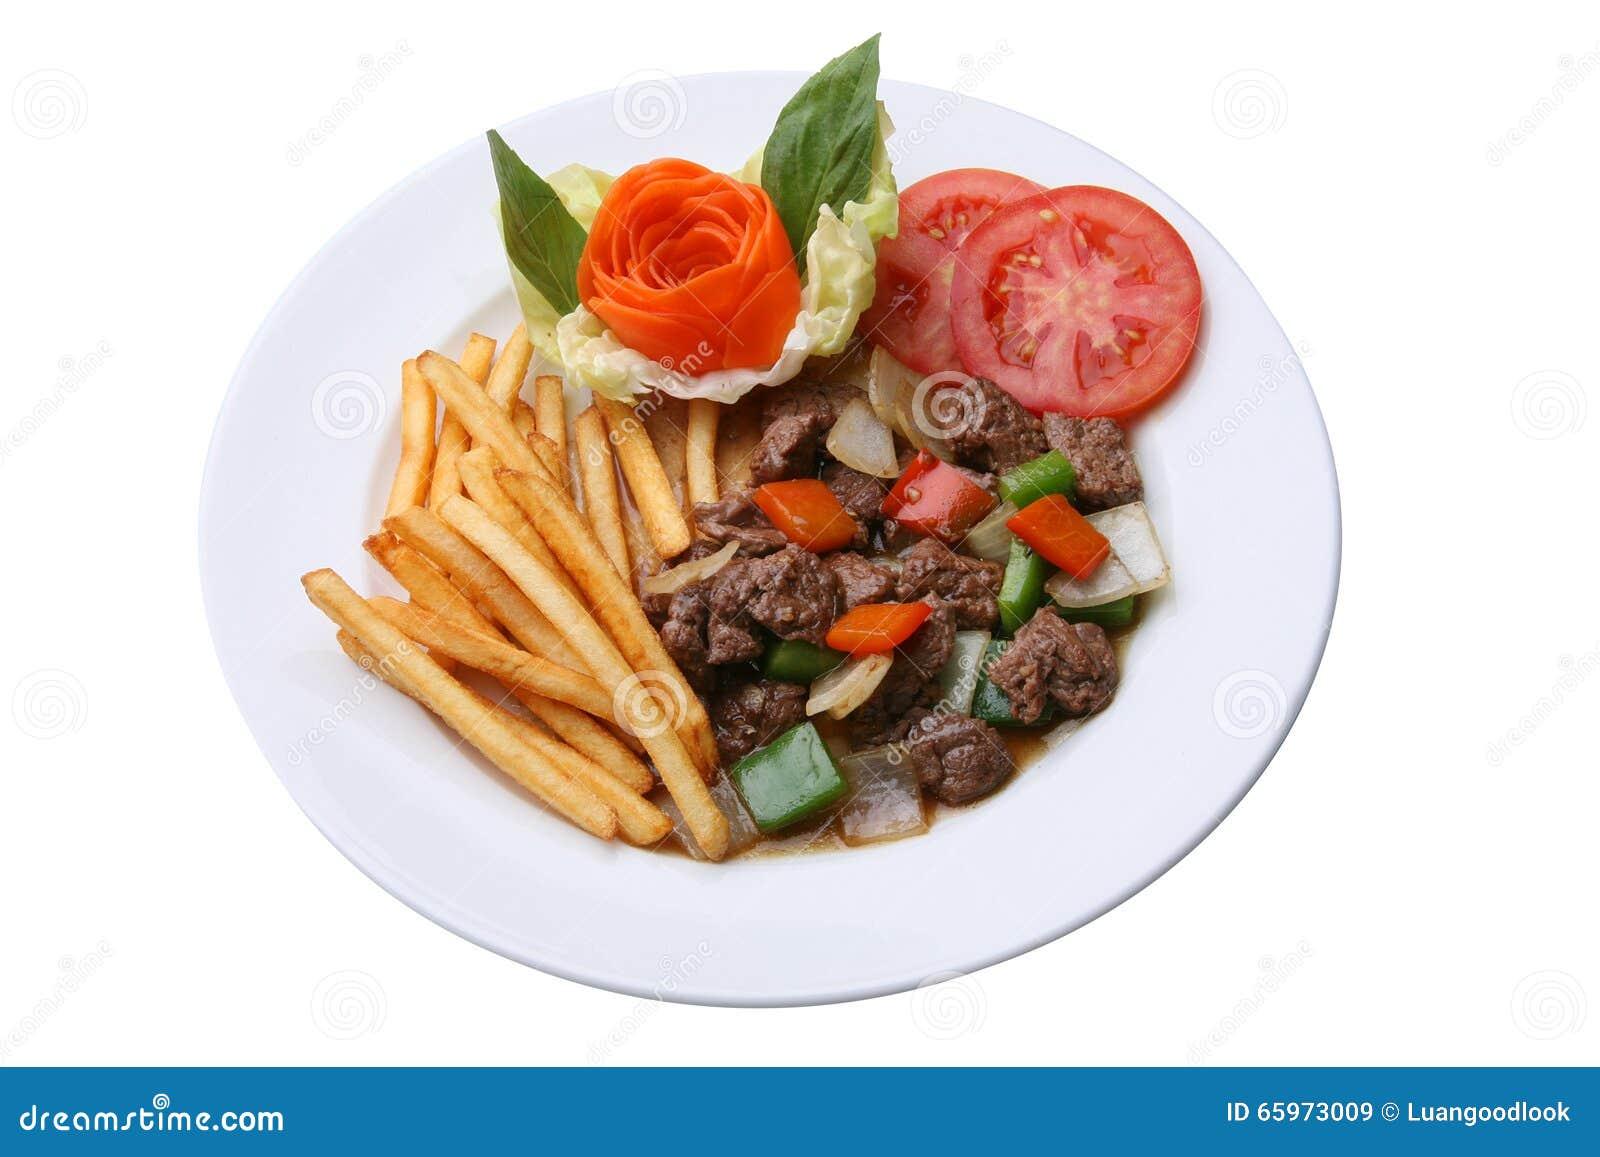 Carne de vaca sofrita con pimienta negra y frieds franceses